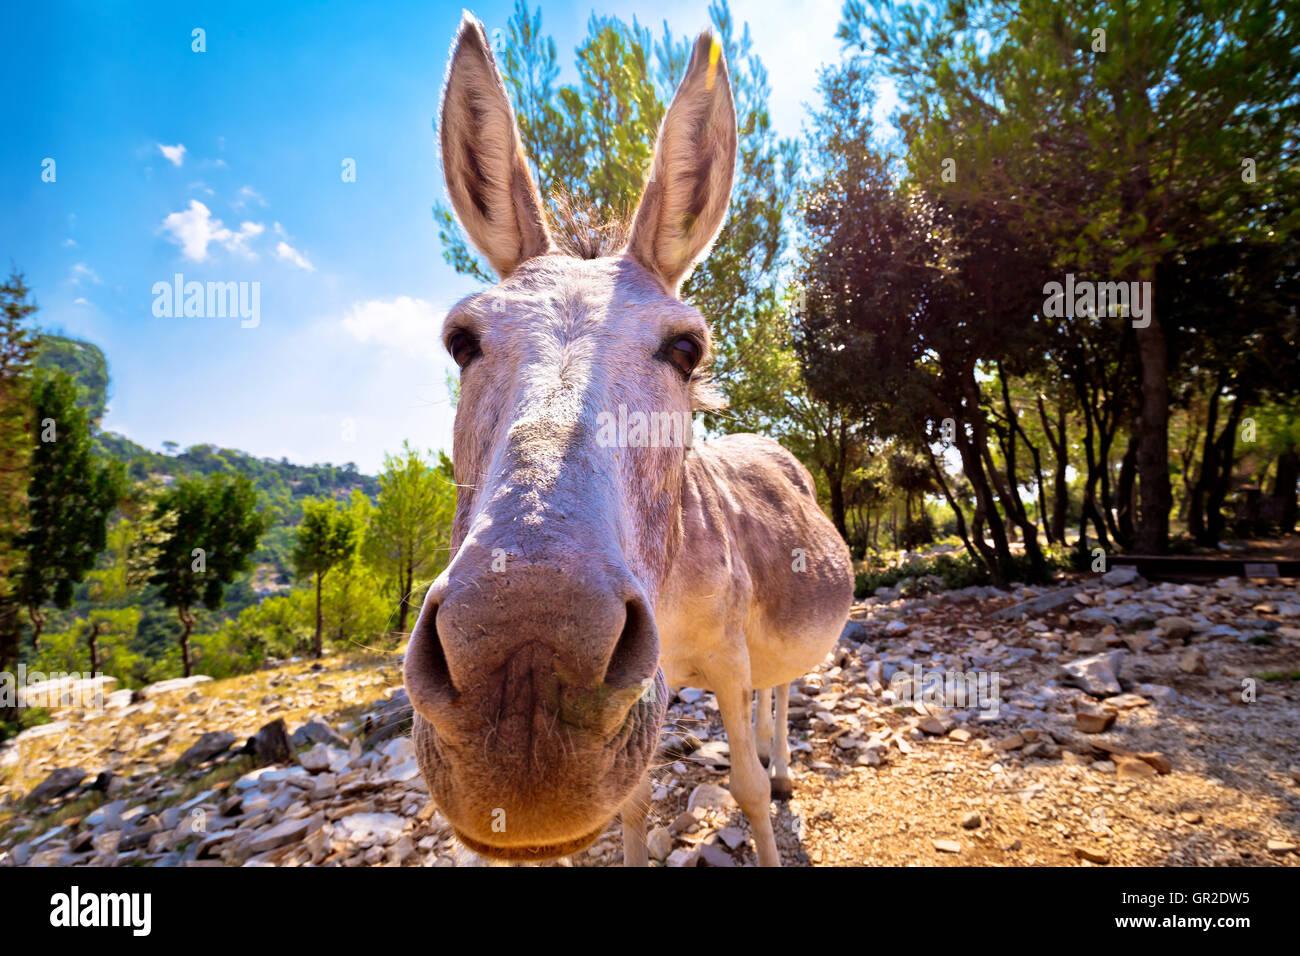 Dalmatian island donkey in nature, animal in the wild, Croatia - Stock Image